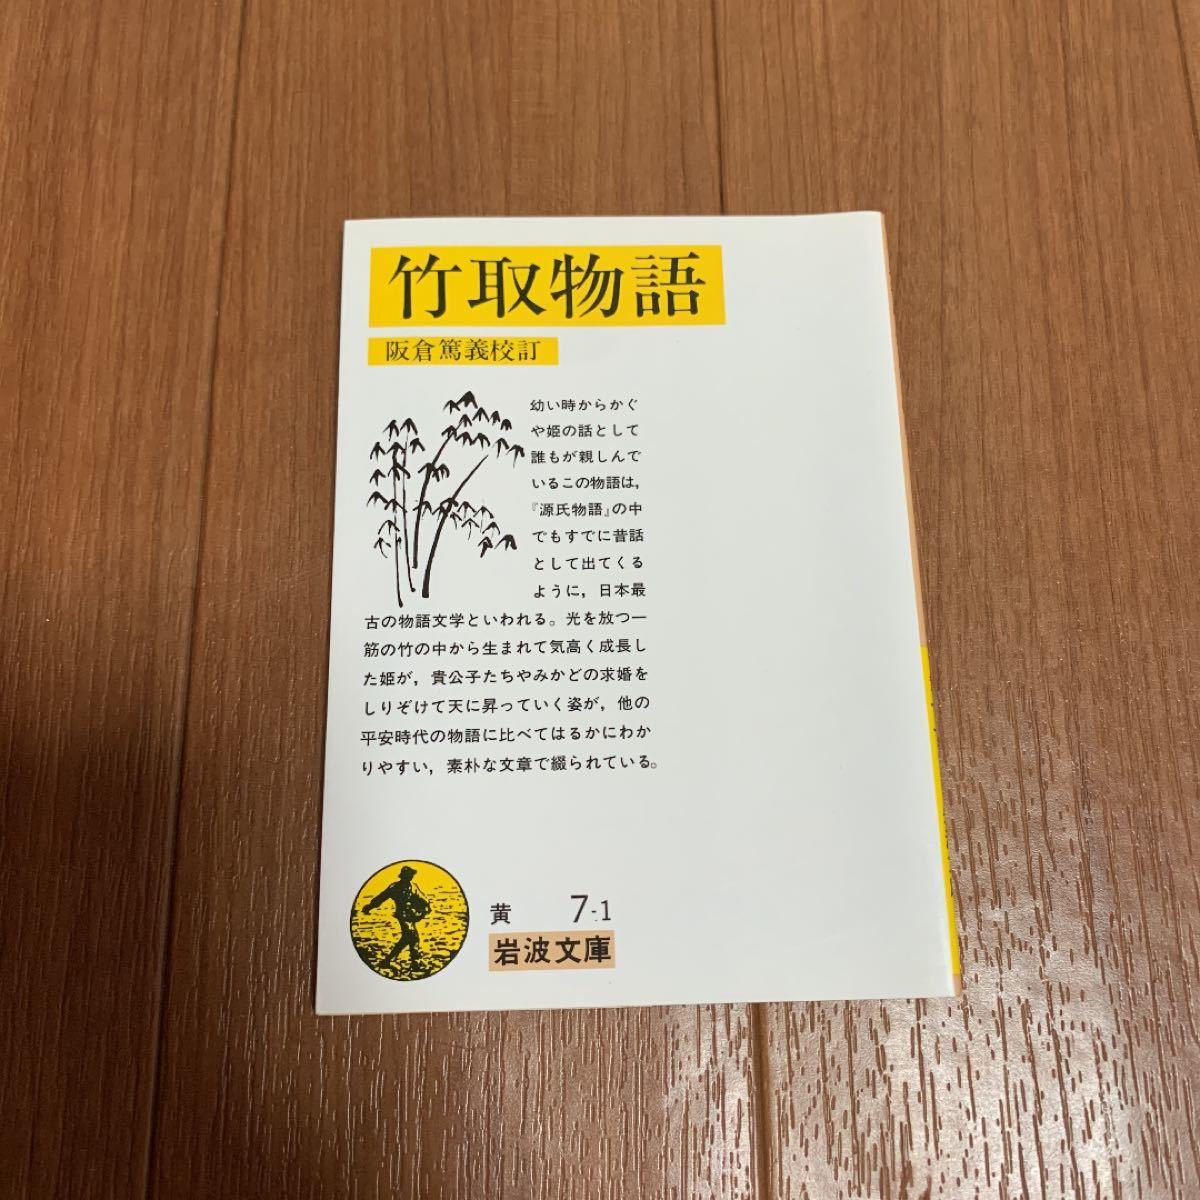 竹取物語 岩波文庫/阪倉篤義